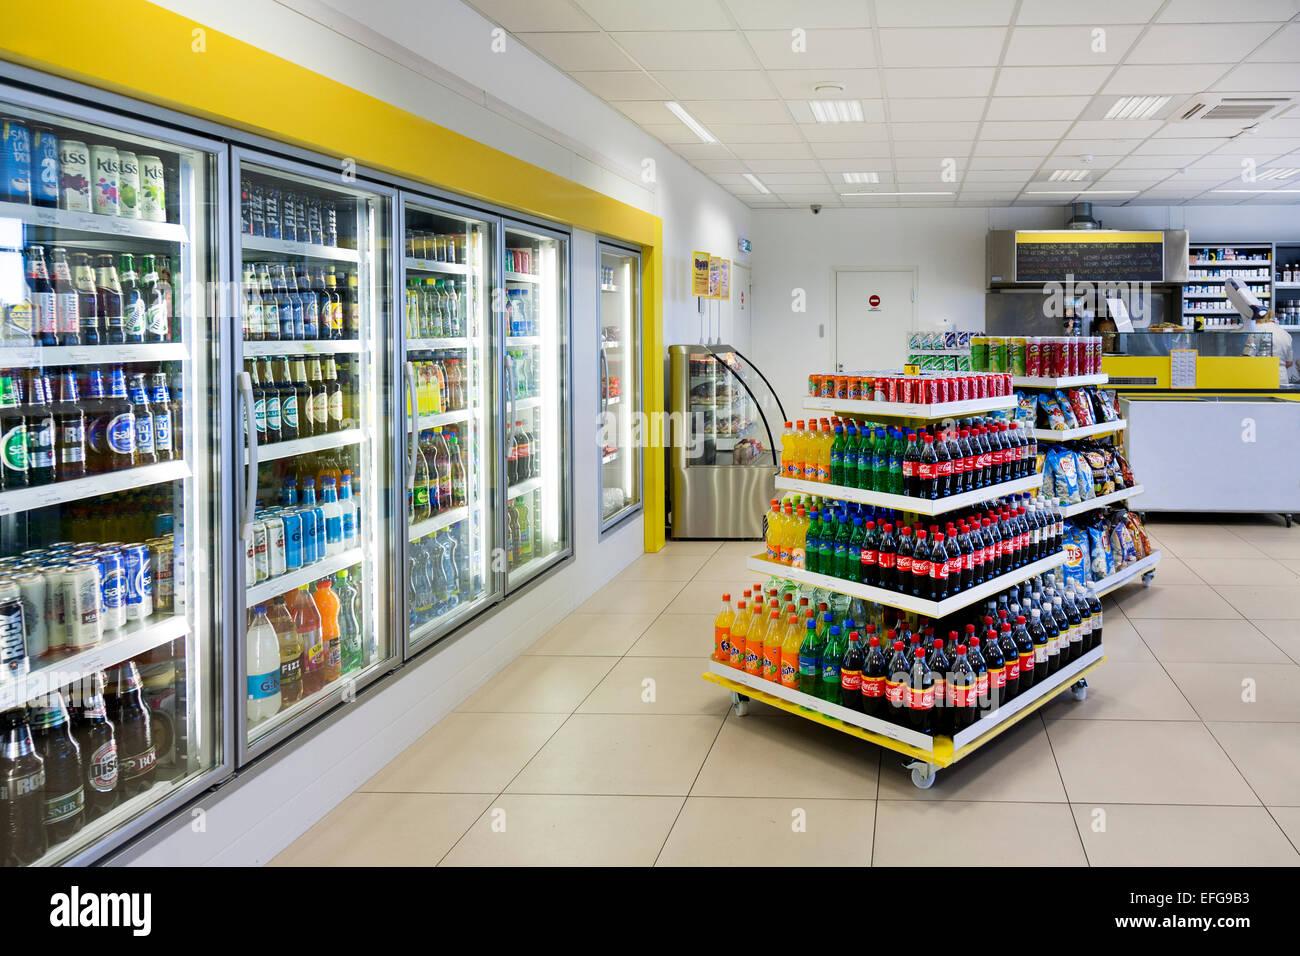 Supermarkt Tankstelle. Kalte Getränke in Regalen, Ausstattung. Shop ...